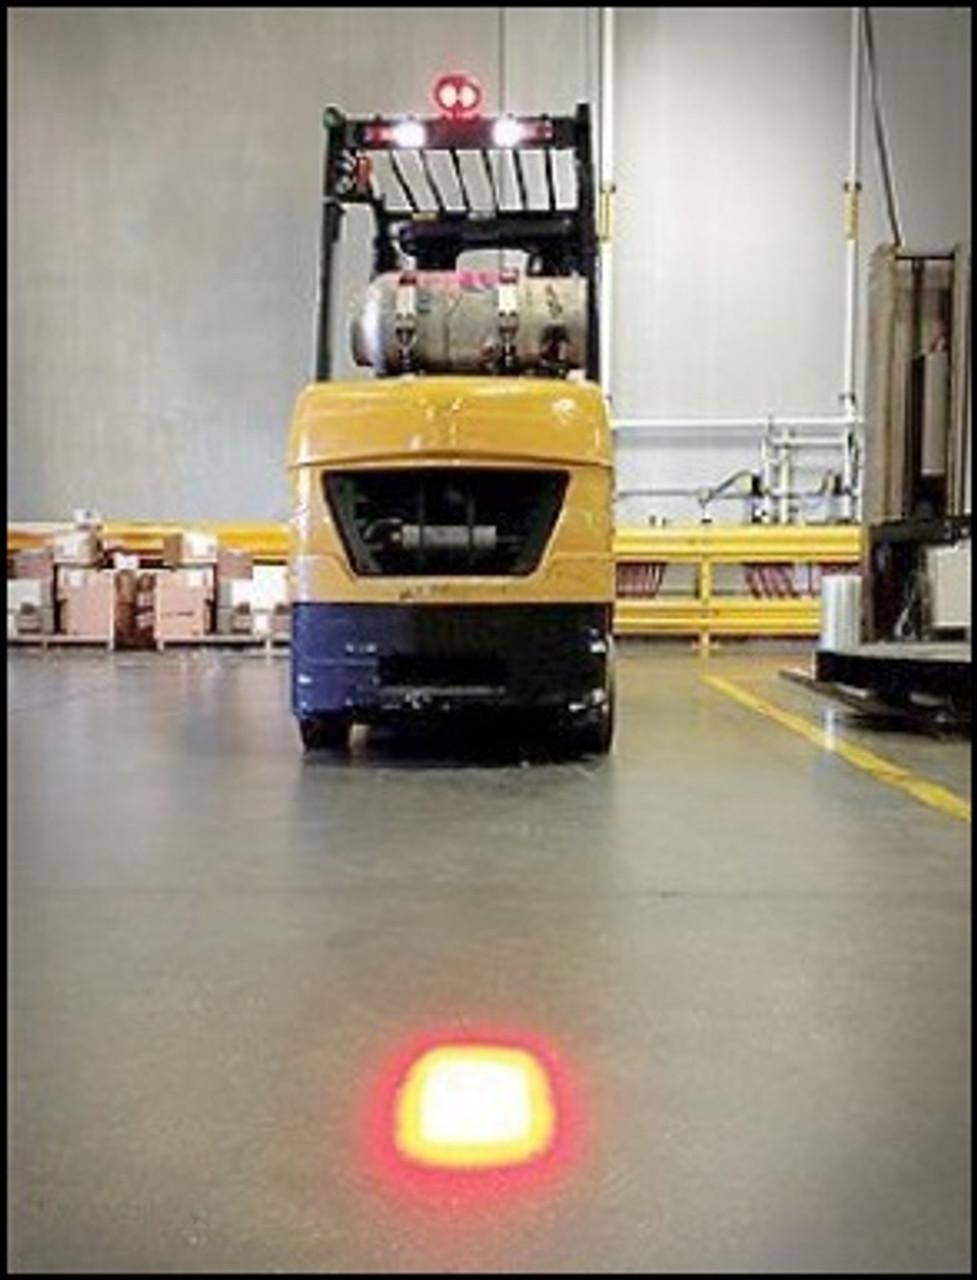 Red Forklift Safety Spot Light